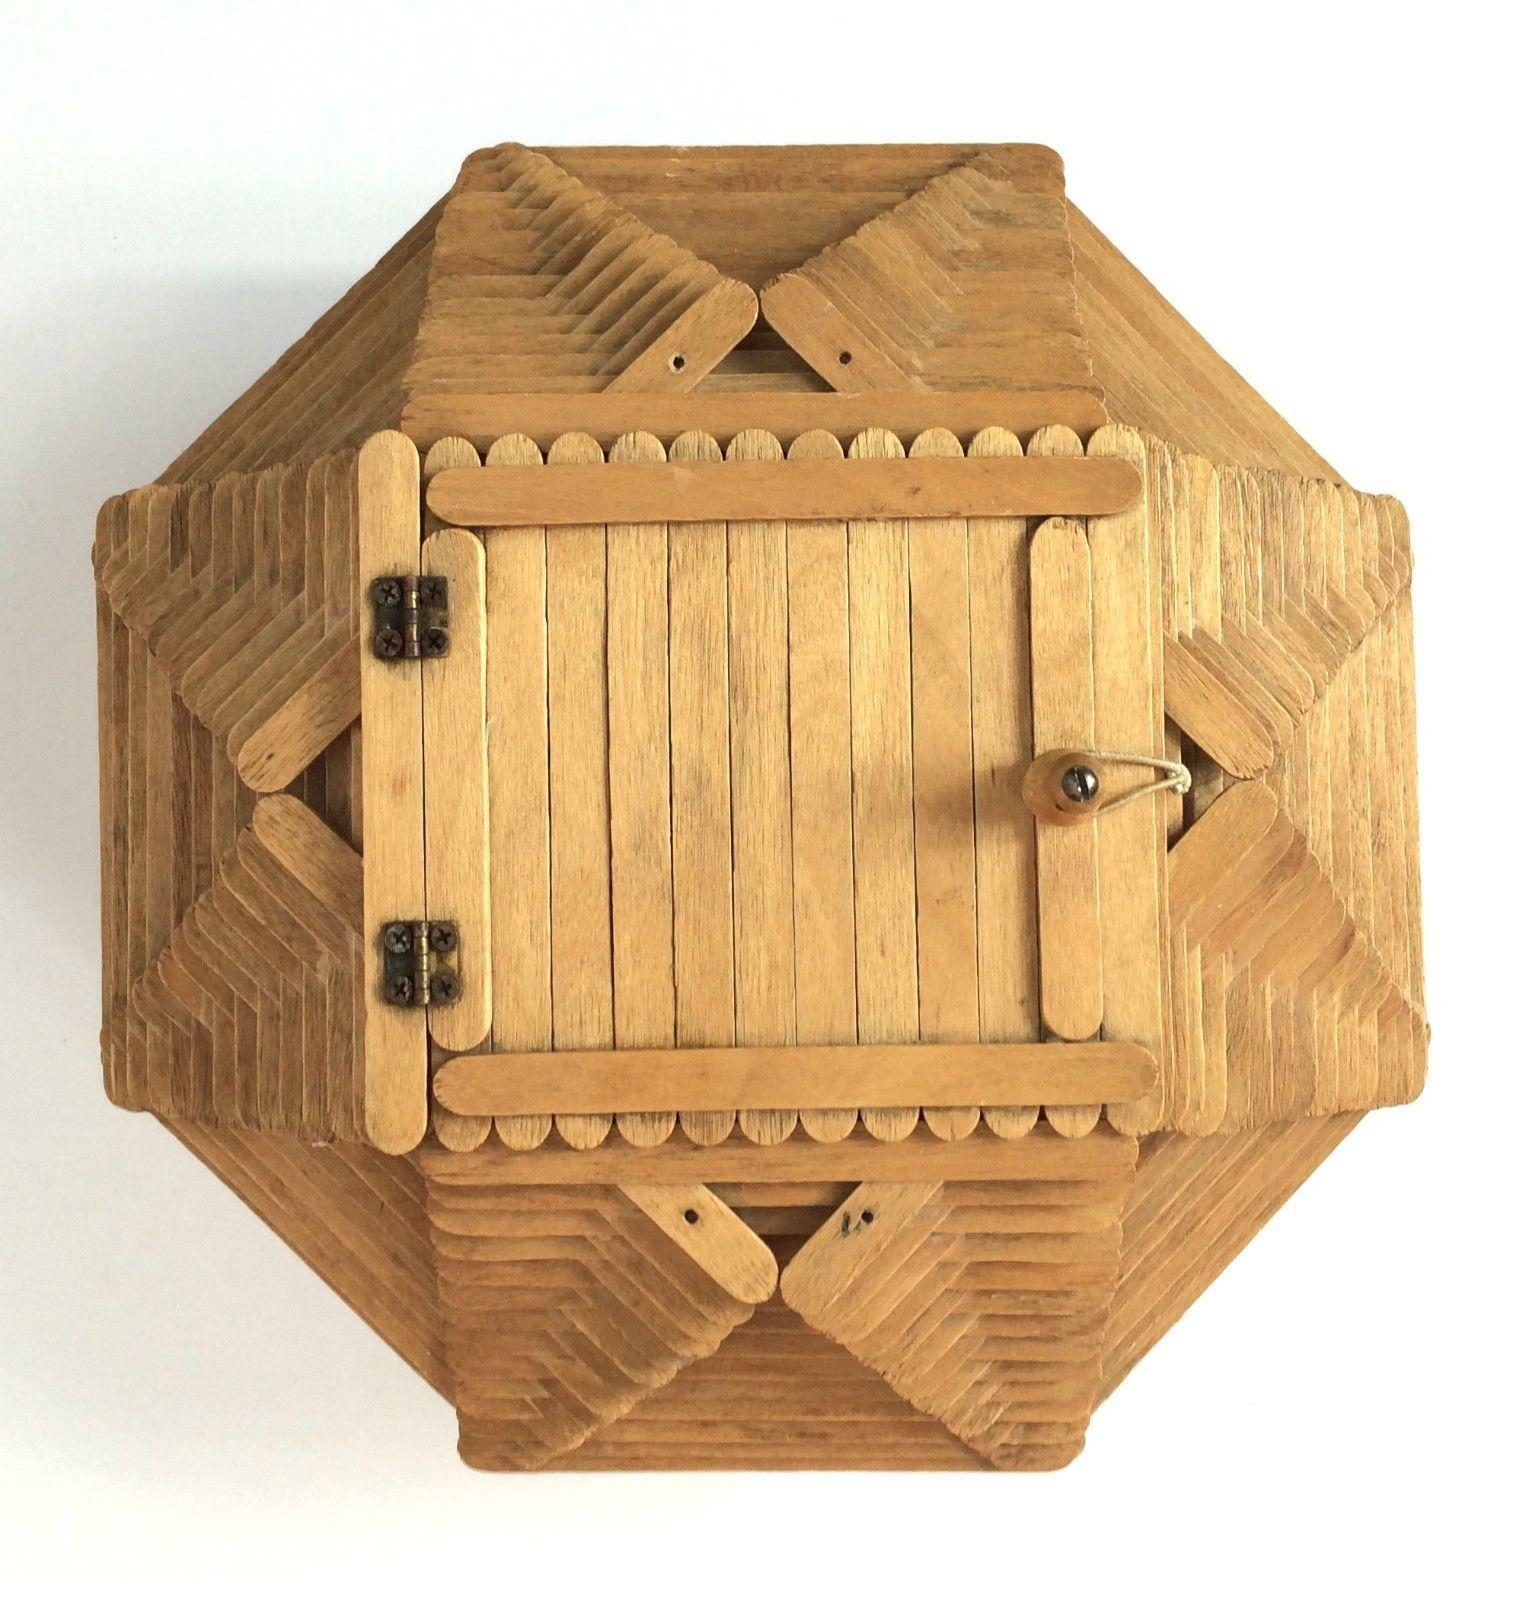 Vintage C.1960 Folk Art Wood Popsicle Stick Sewing Basket